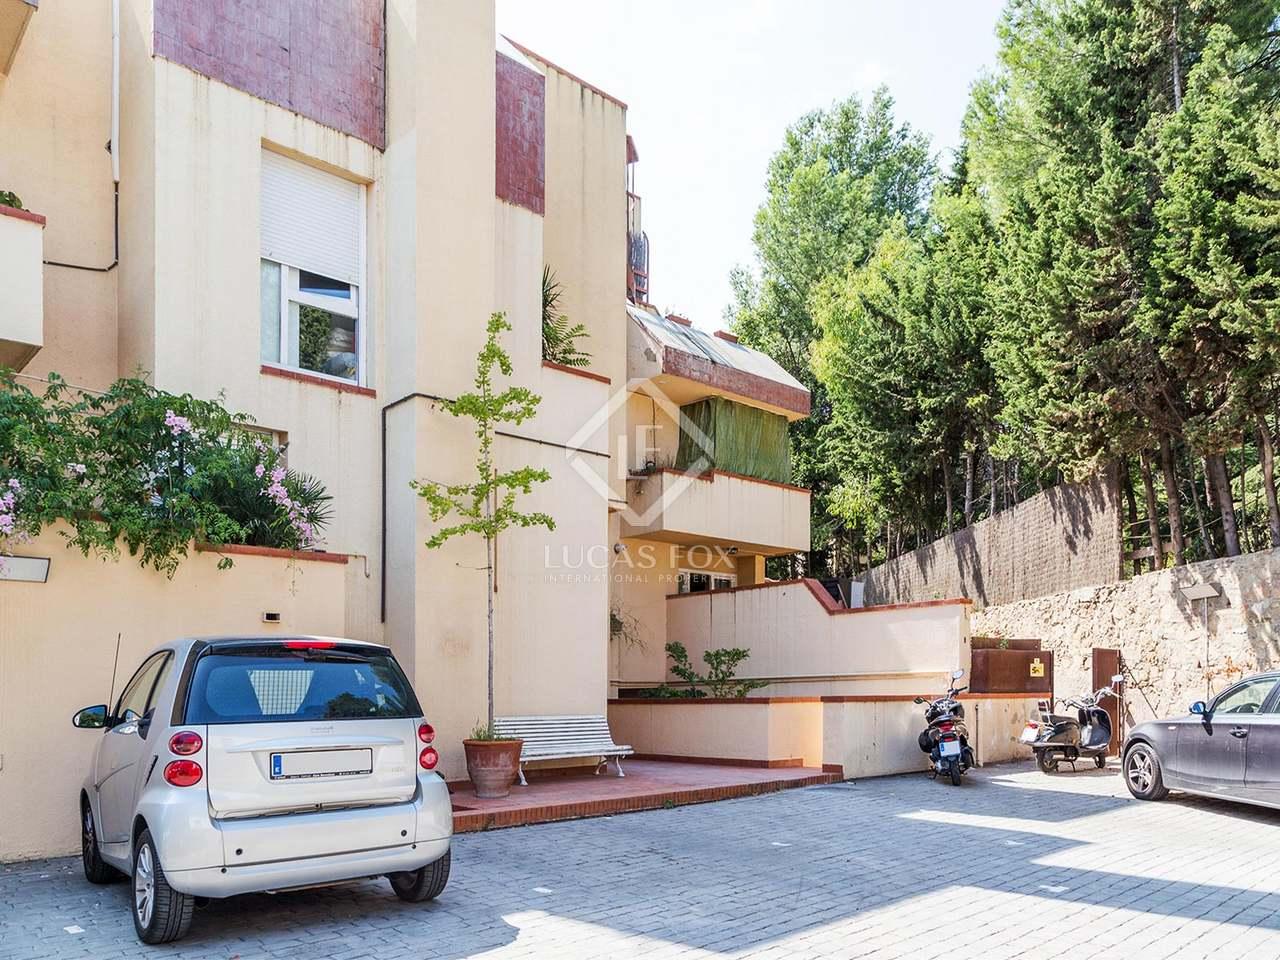 House for rent in barcelona 39 s zona alta - Zona alta barcelona ...